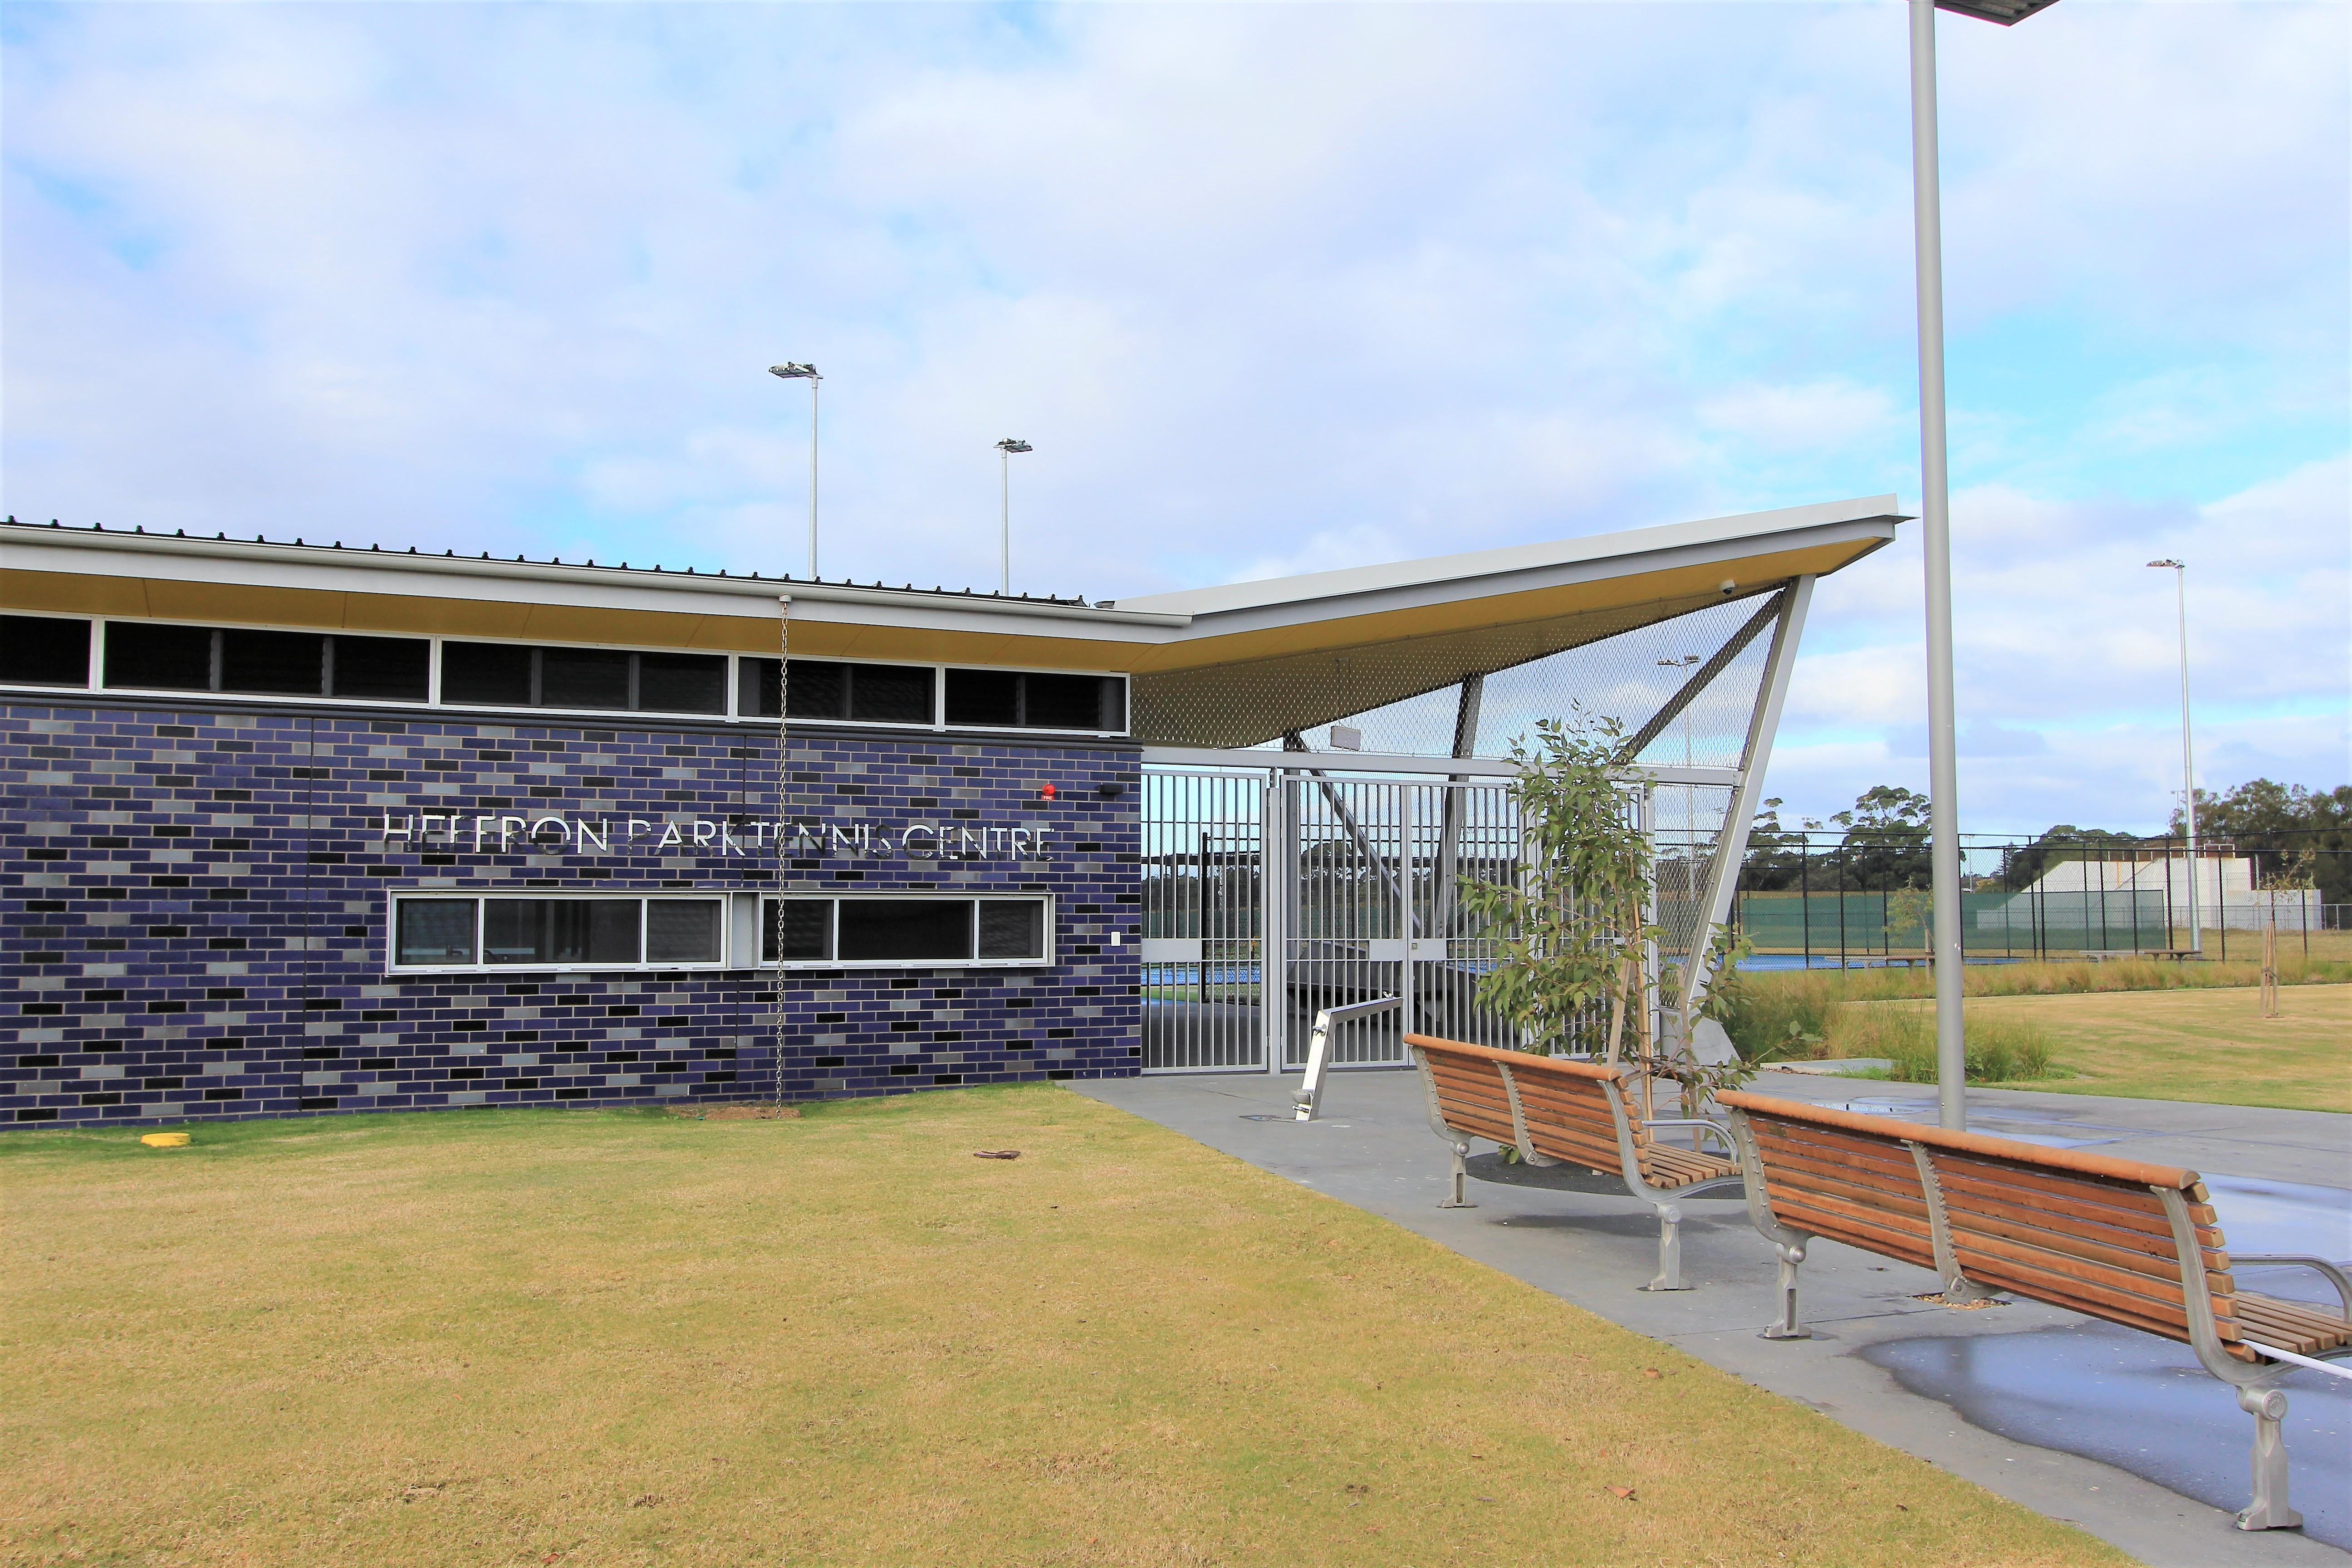 Heffron park Tennis Centre - outside view